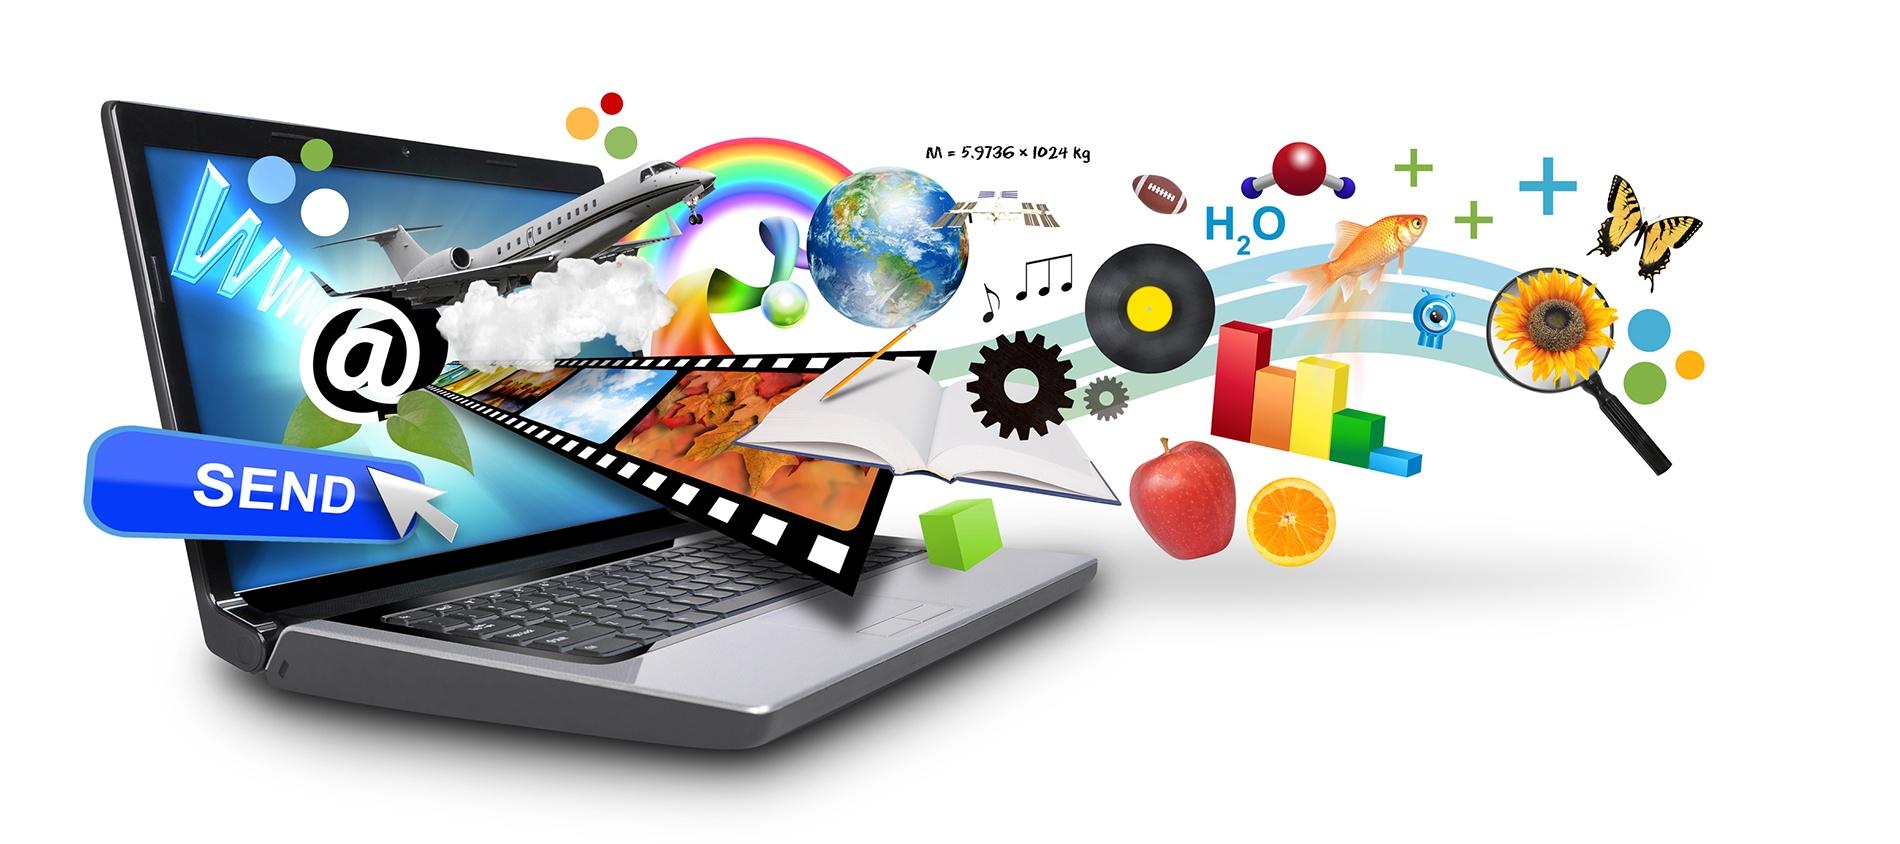 7 puntos clave en el diseño gráfico de tu web